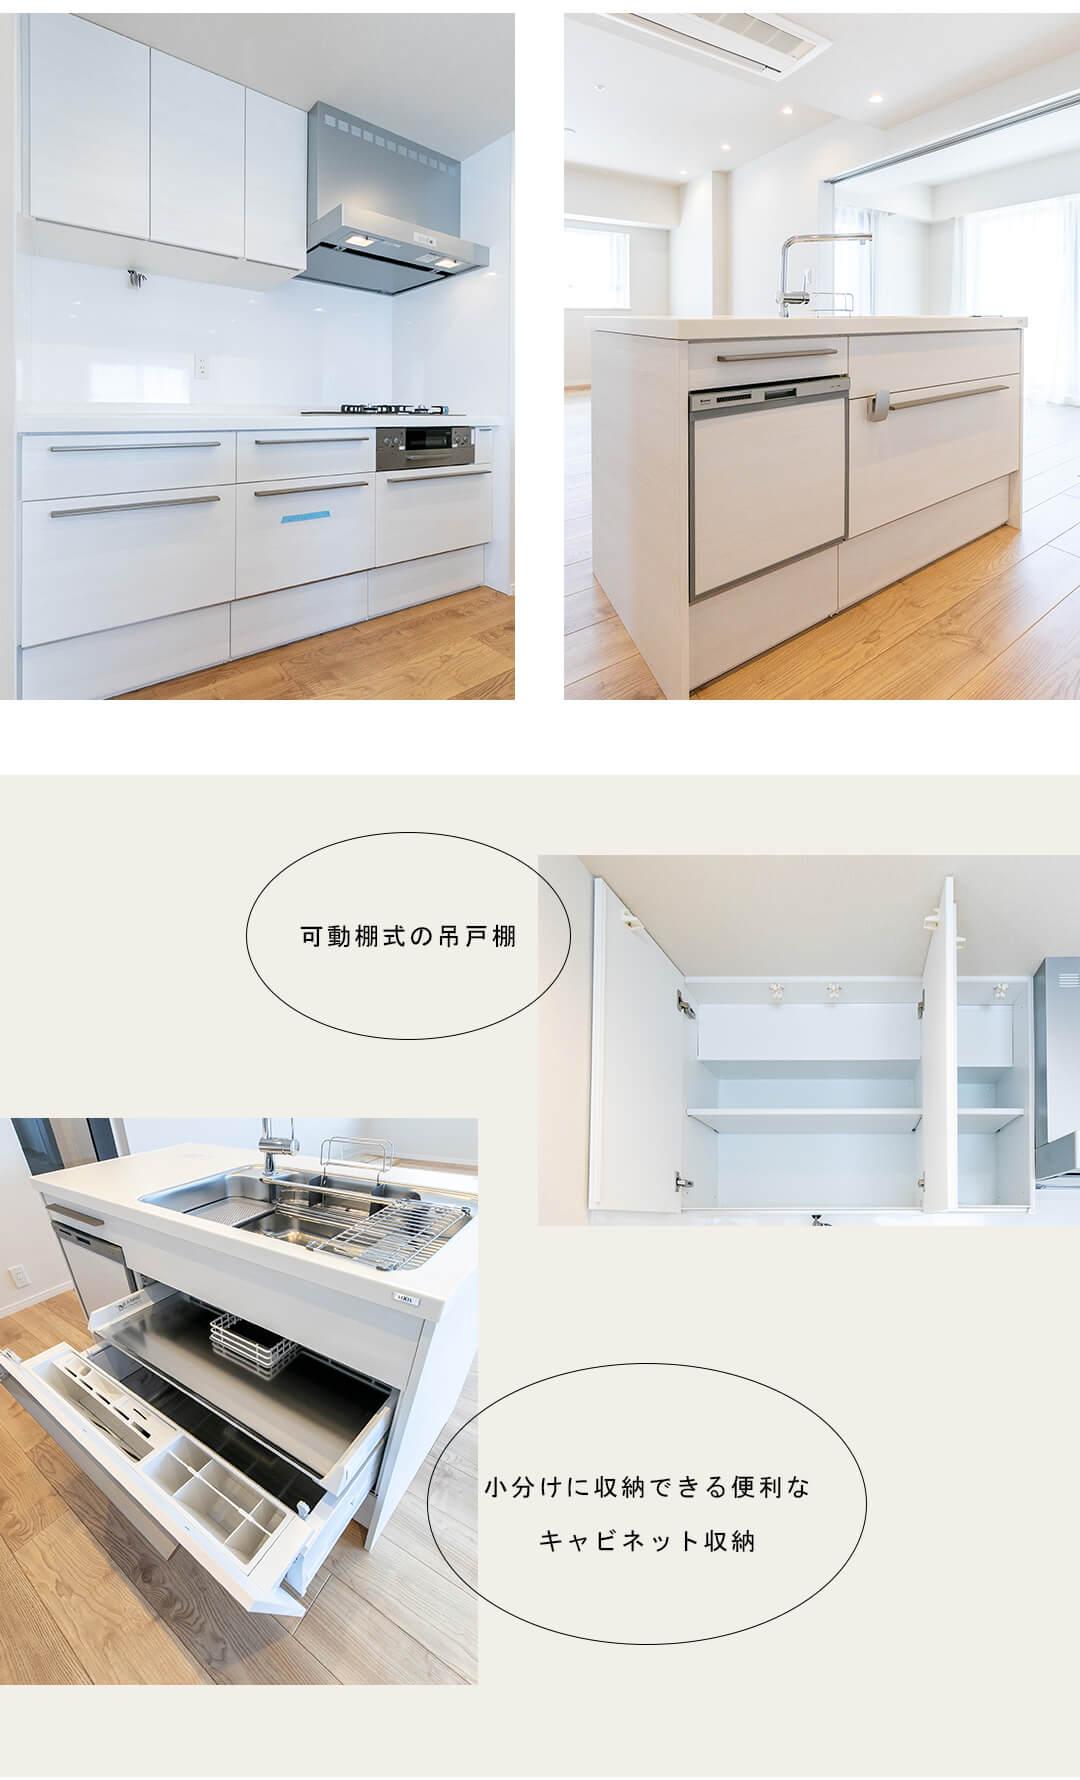 グラーサ西麻布のキッチン